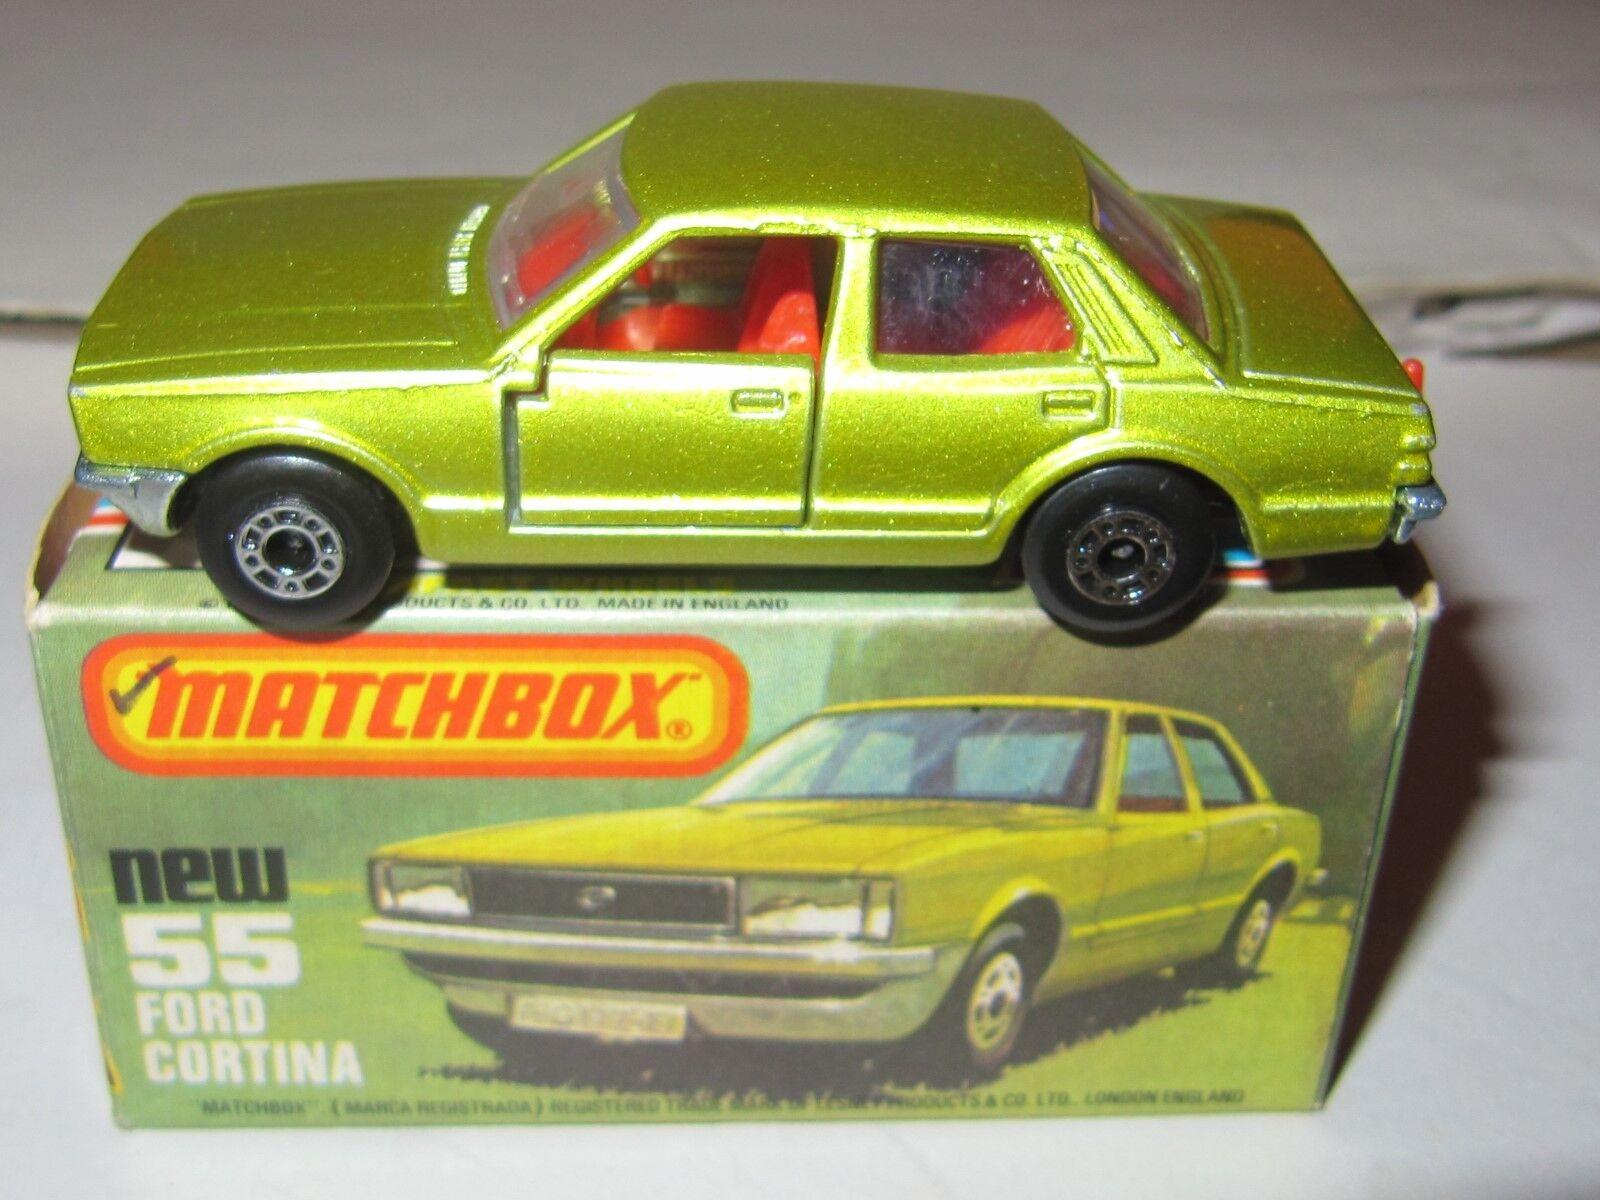 Matchbox Superfast Superfast Superfast No.55 Ford Cortina MIB 48fd08